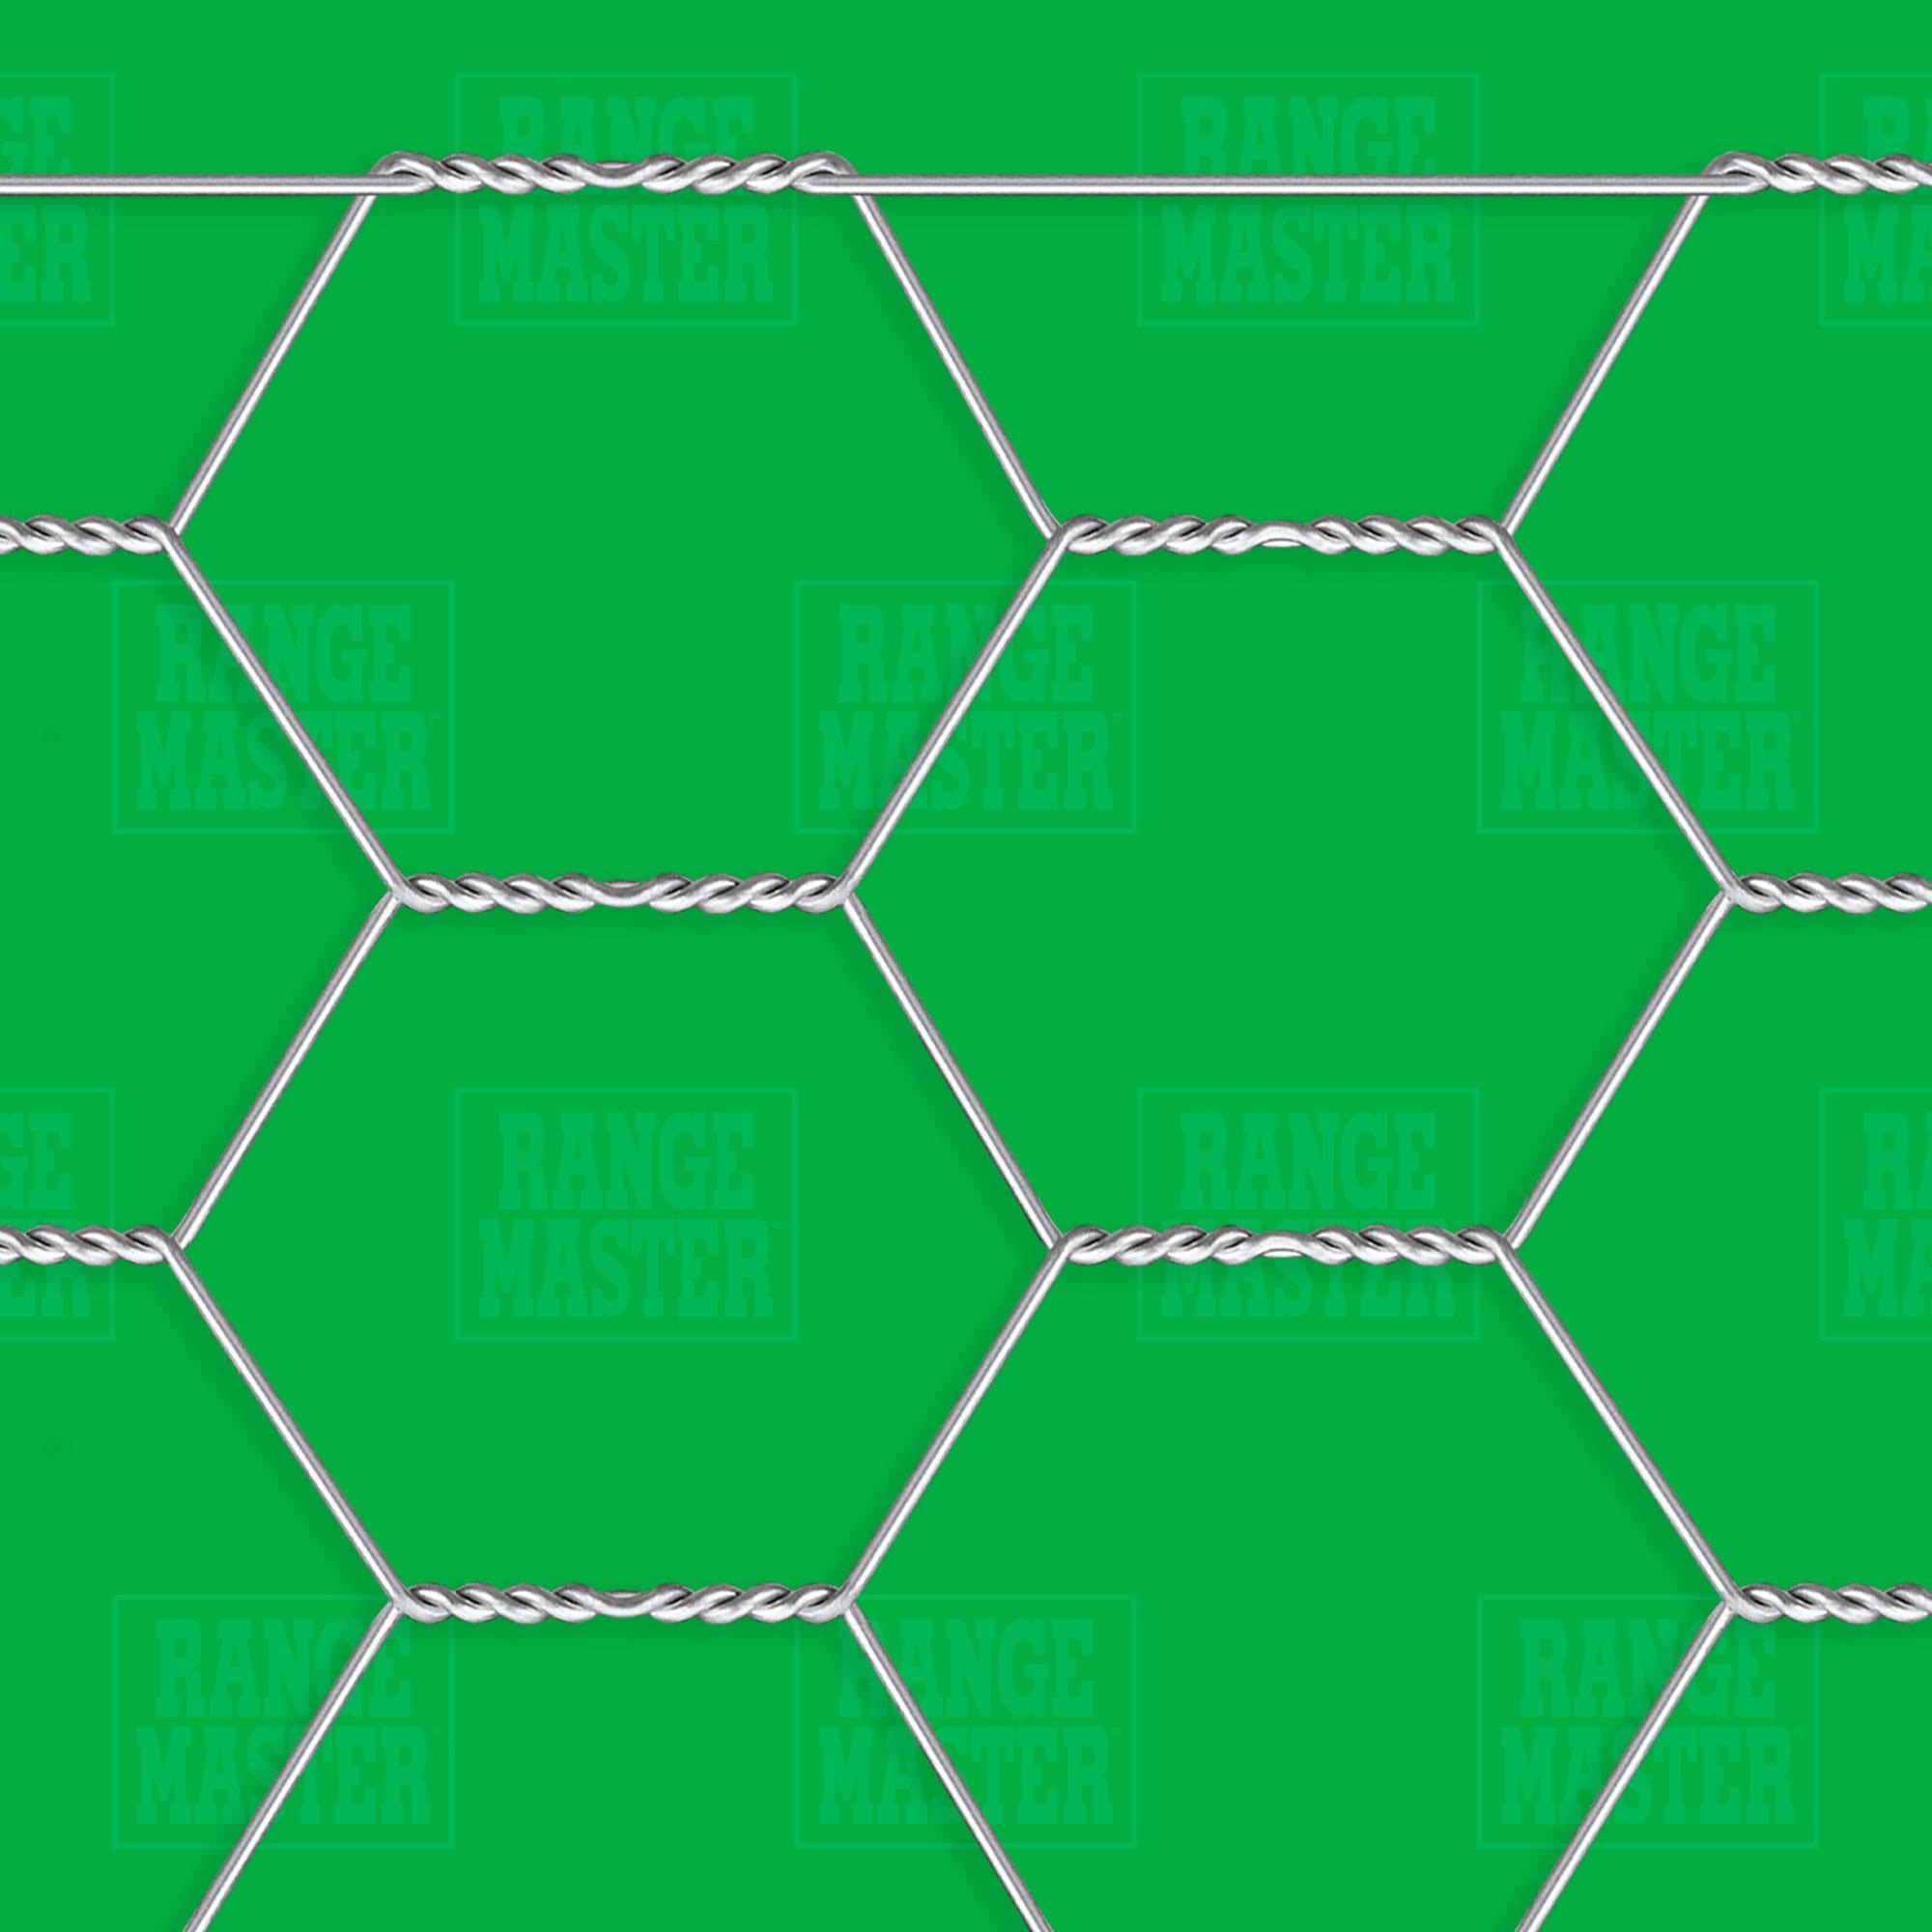 3 Way Pak Hexagonal Netting